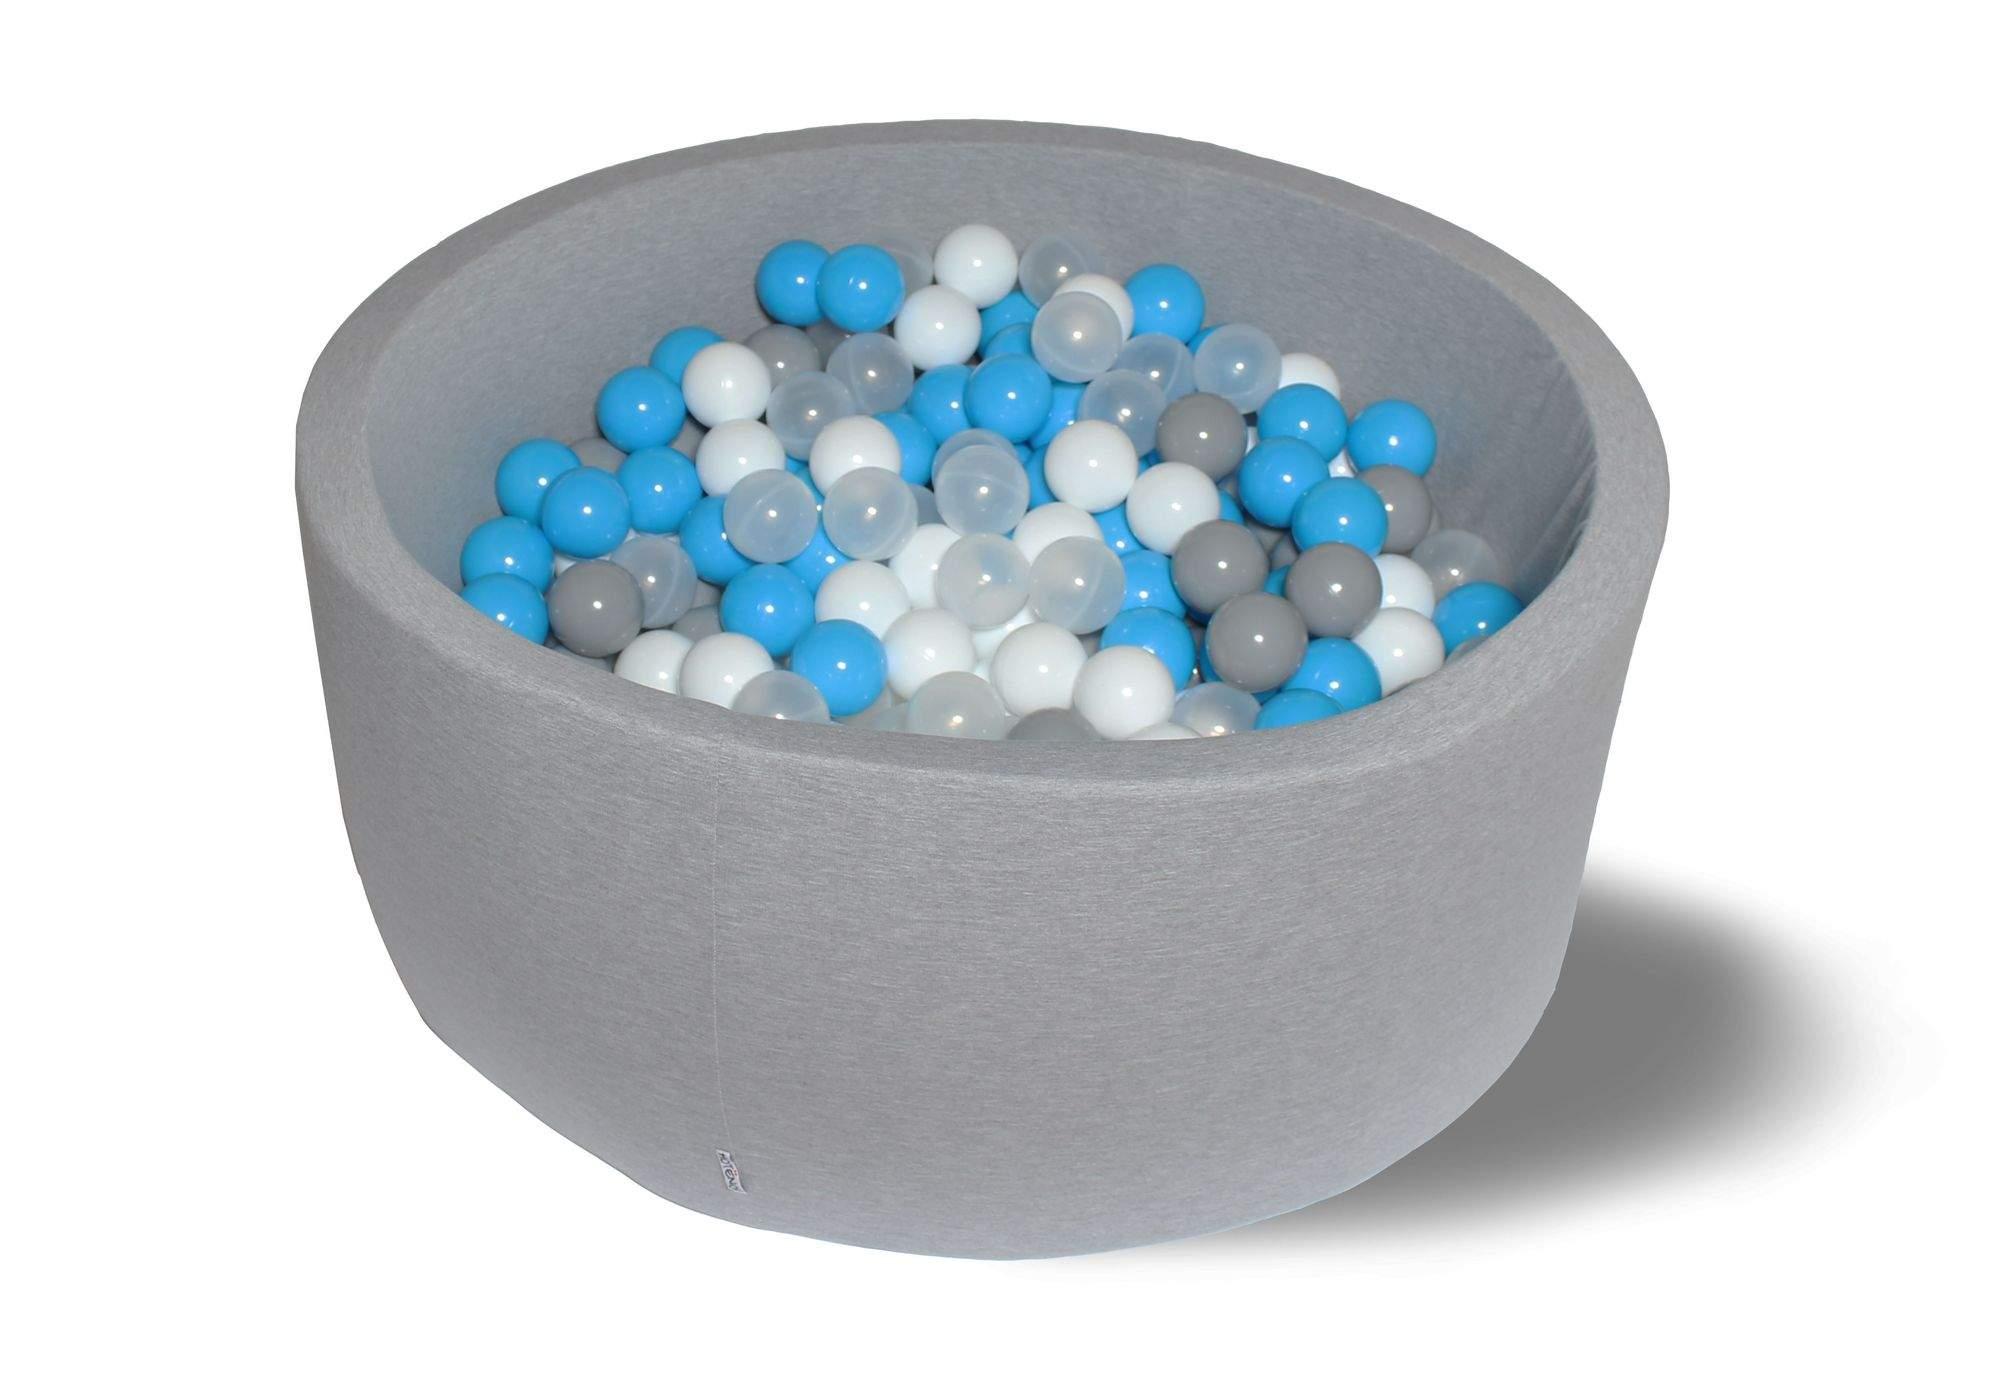 Сухой бассейн Небеса 40см с 200 шариками: серый, белый, прозрачный, голубой